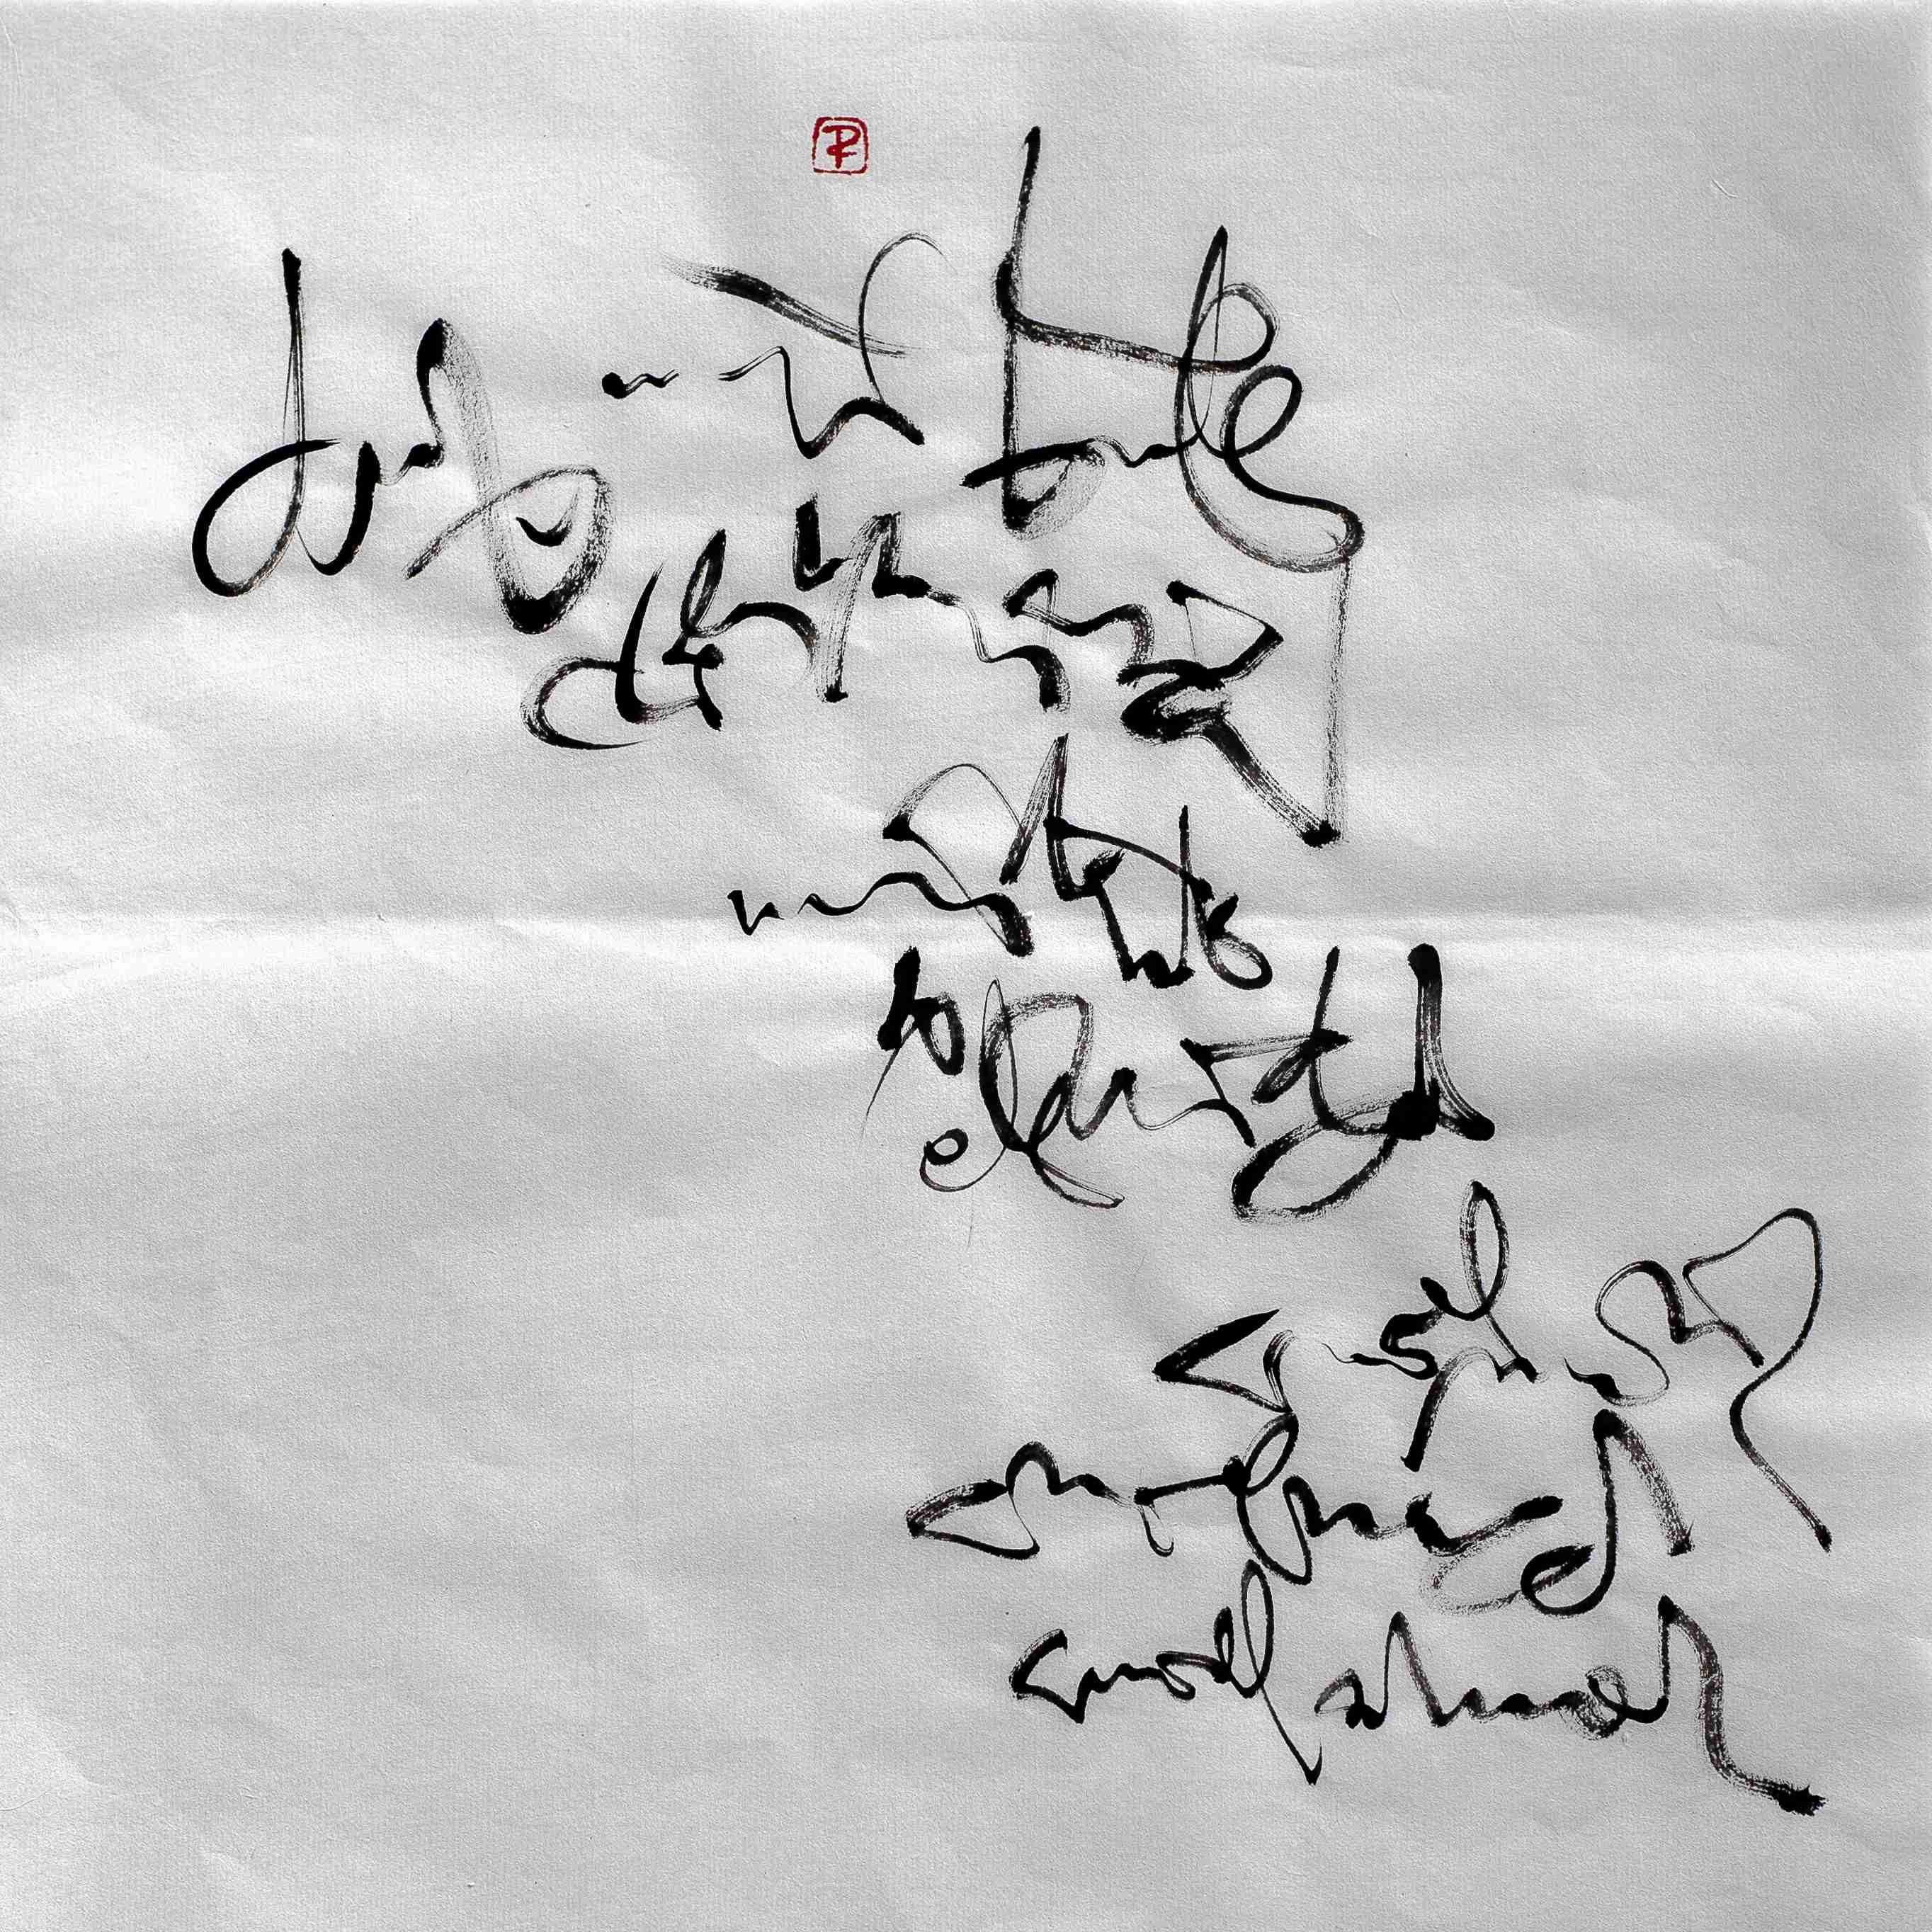 054 dura un instante toda la música un instante de eternidad como el morir como el nacer como el amar